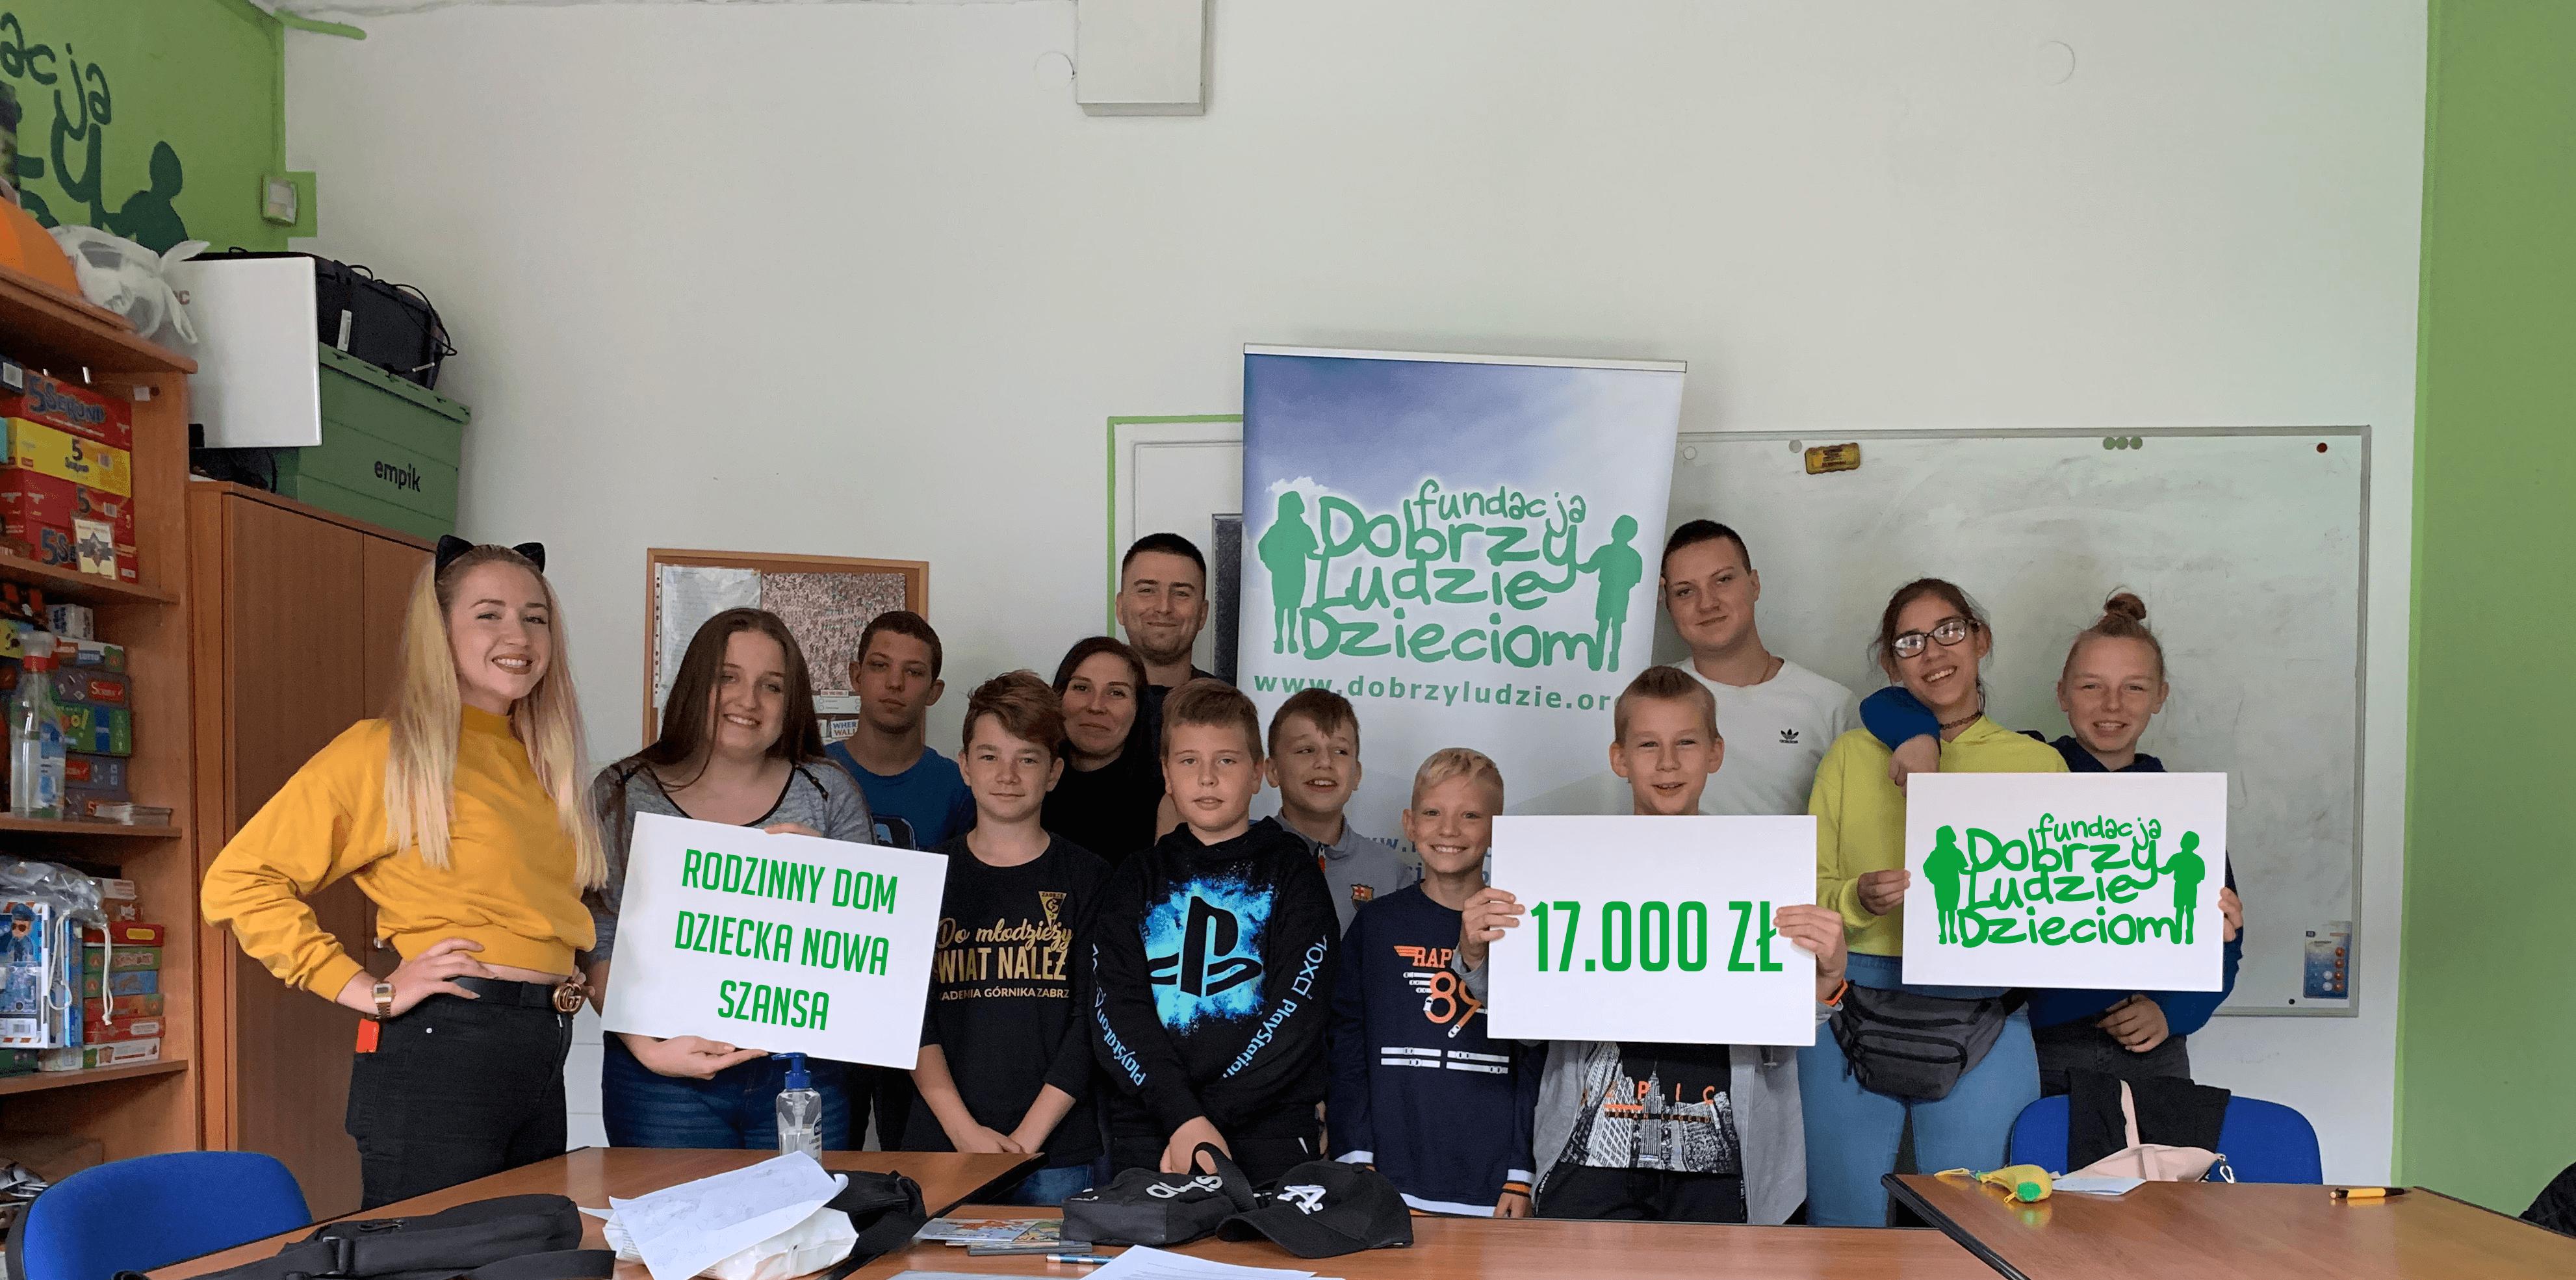 17.000 tysięcy dla Rodzinnego Domu Dziecka – Nowa Szansa